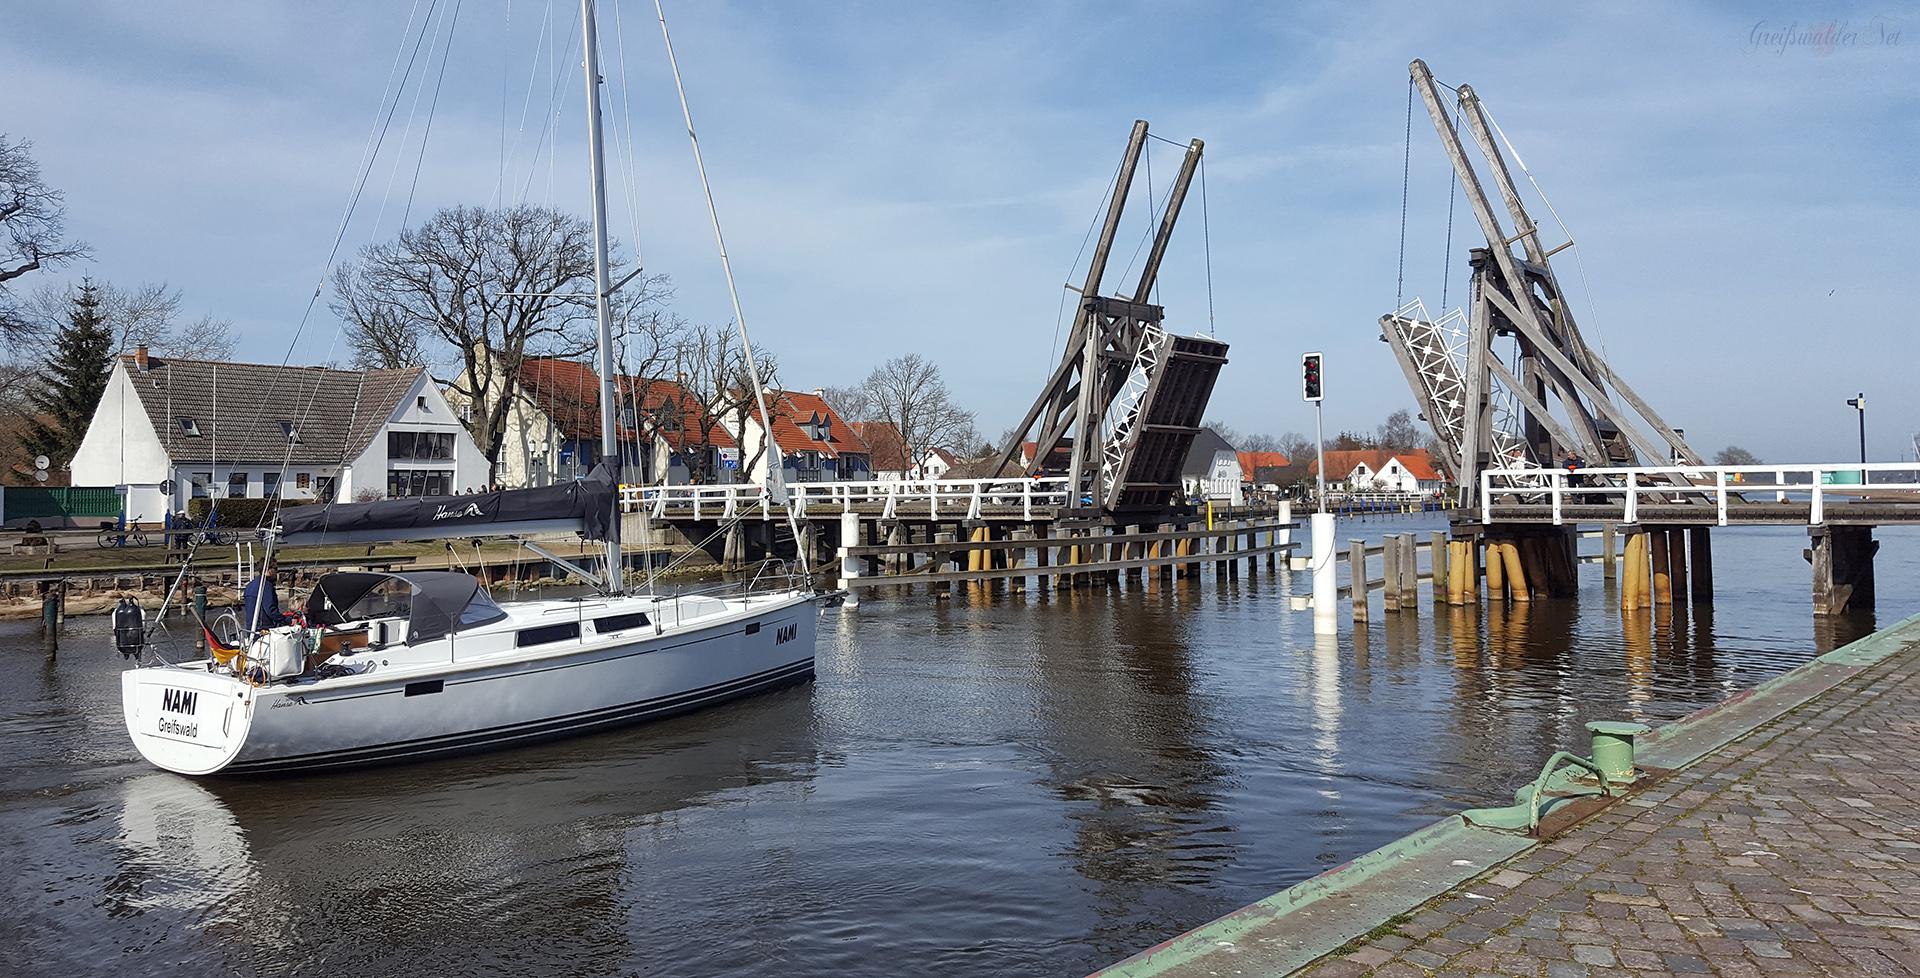 Frühlingsnachmittag in Greifswald-Wieck